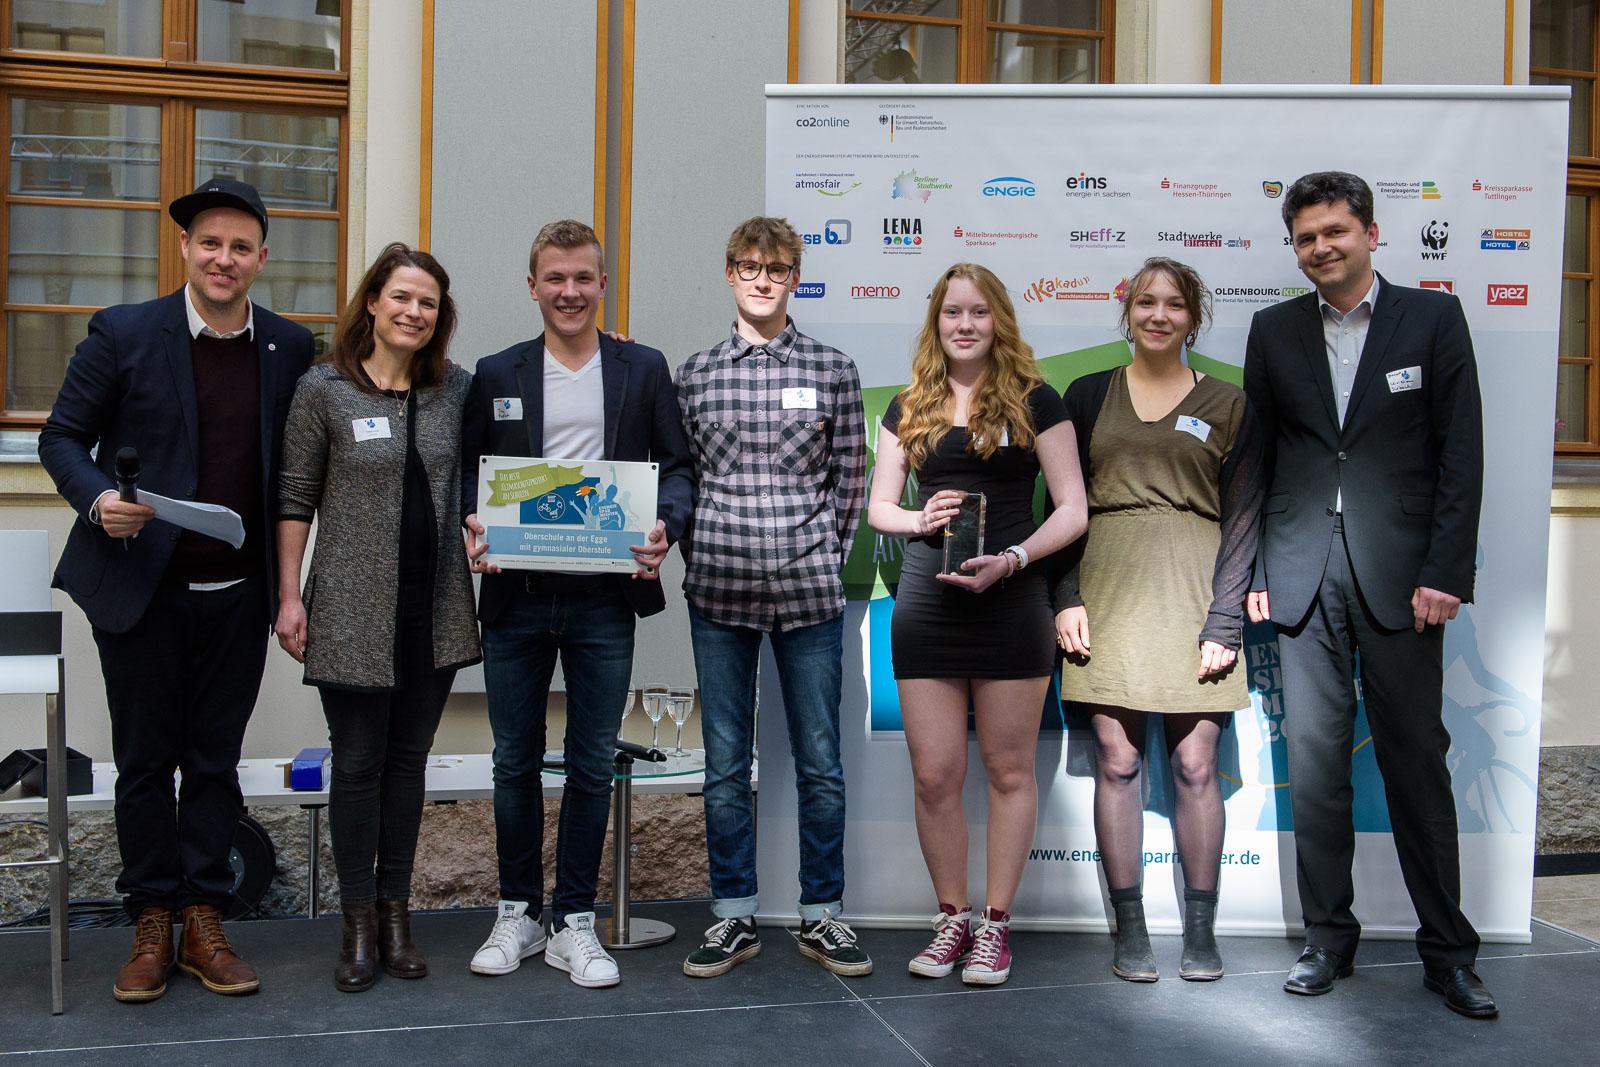 Pressefotos 2017 Energiesparmeister